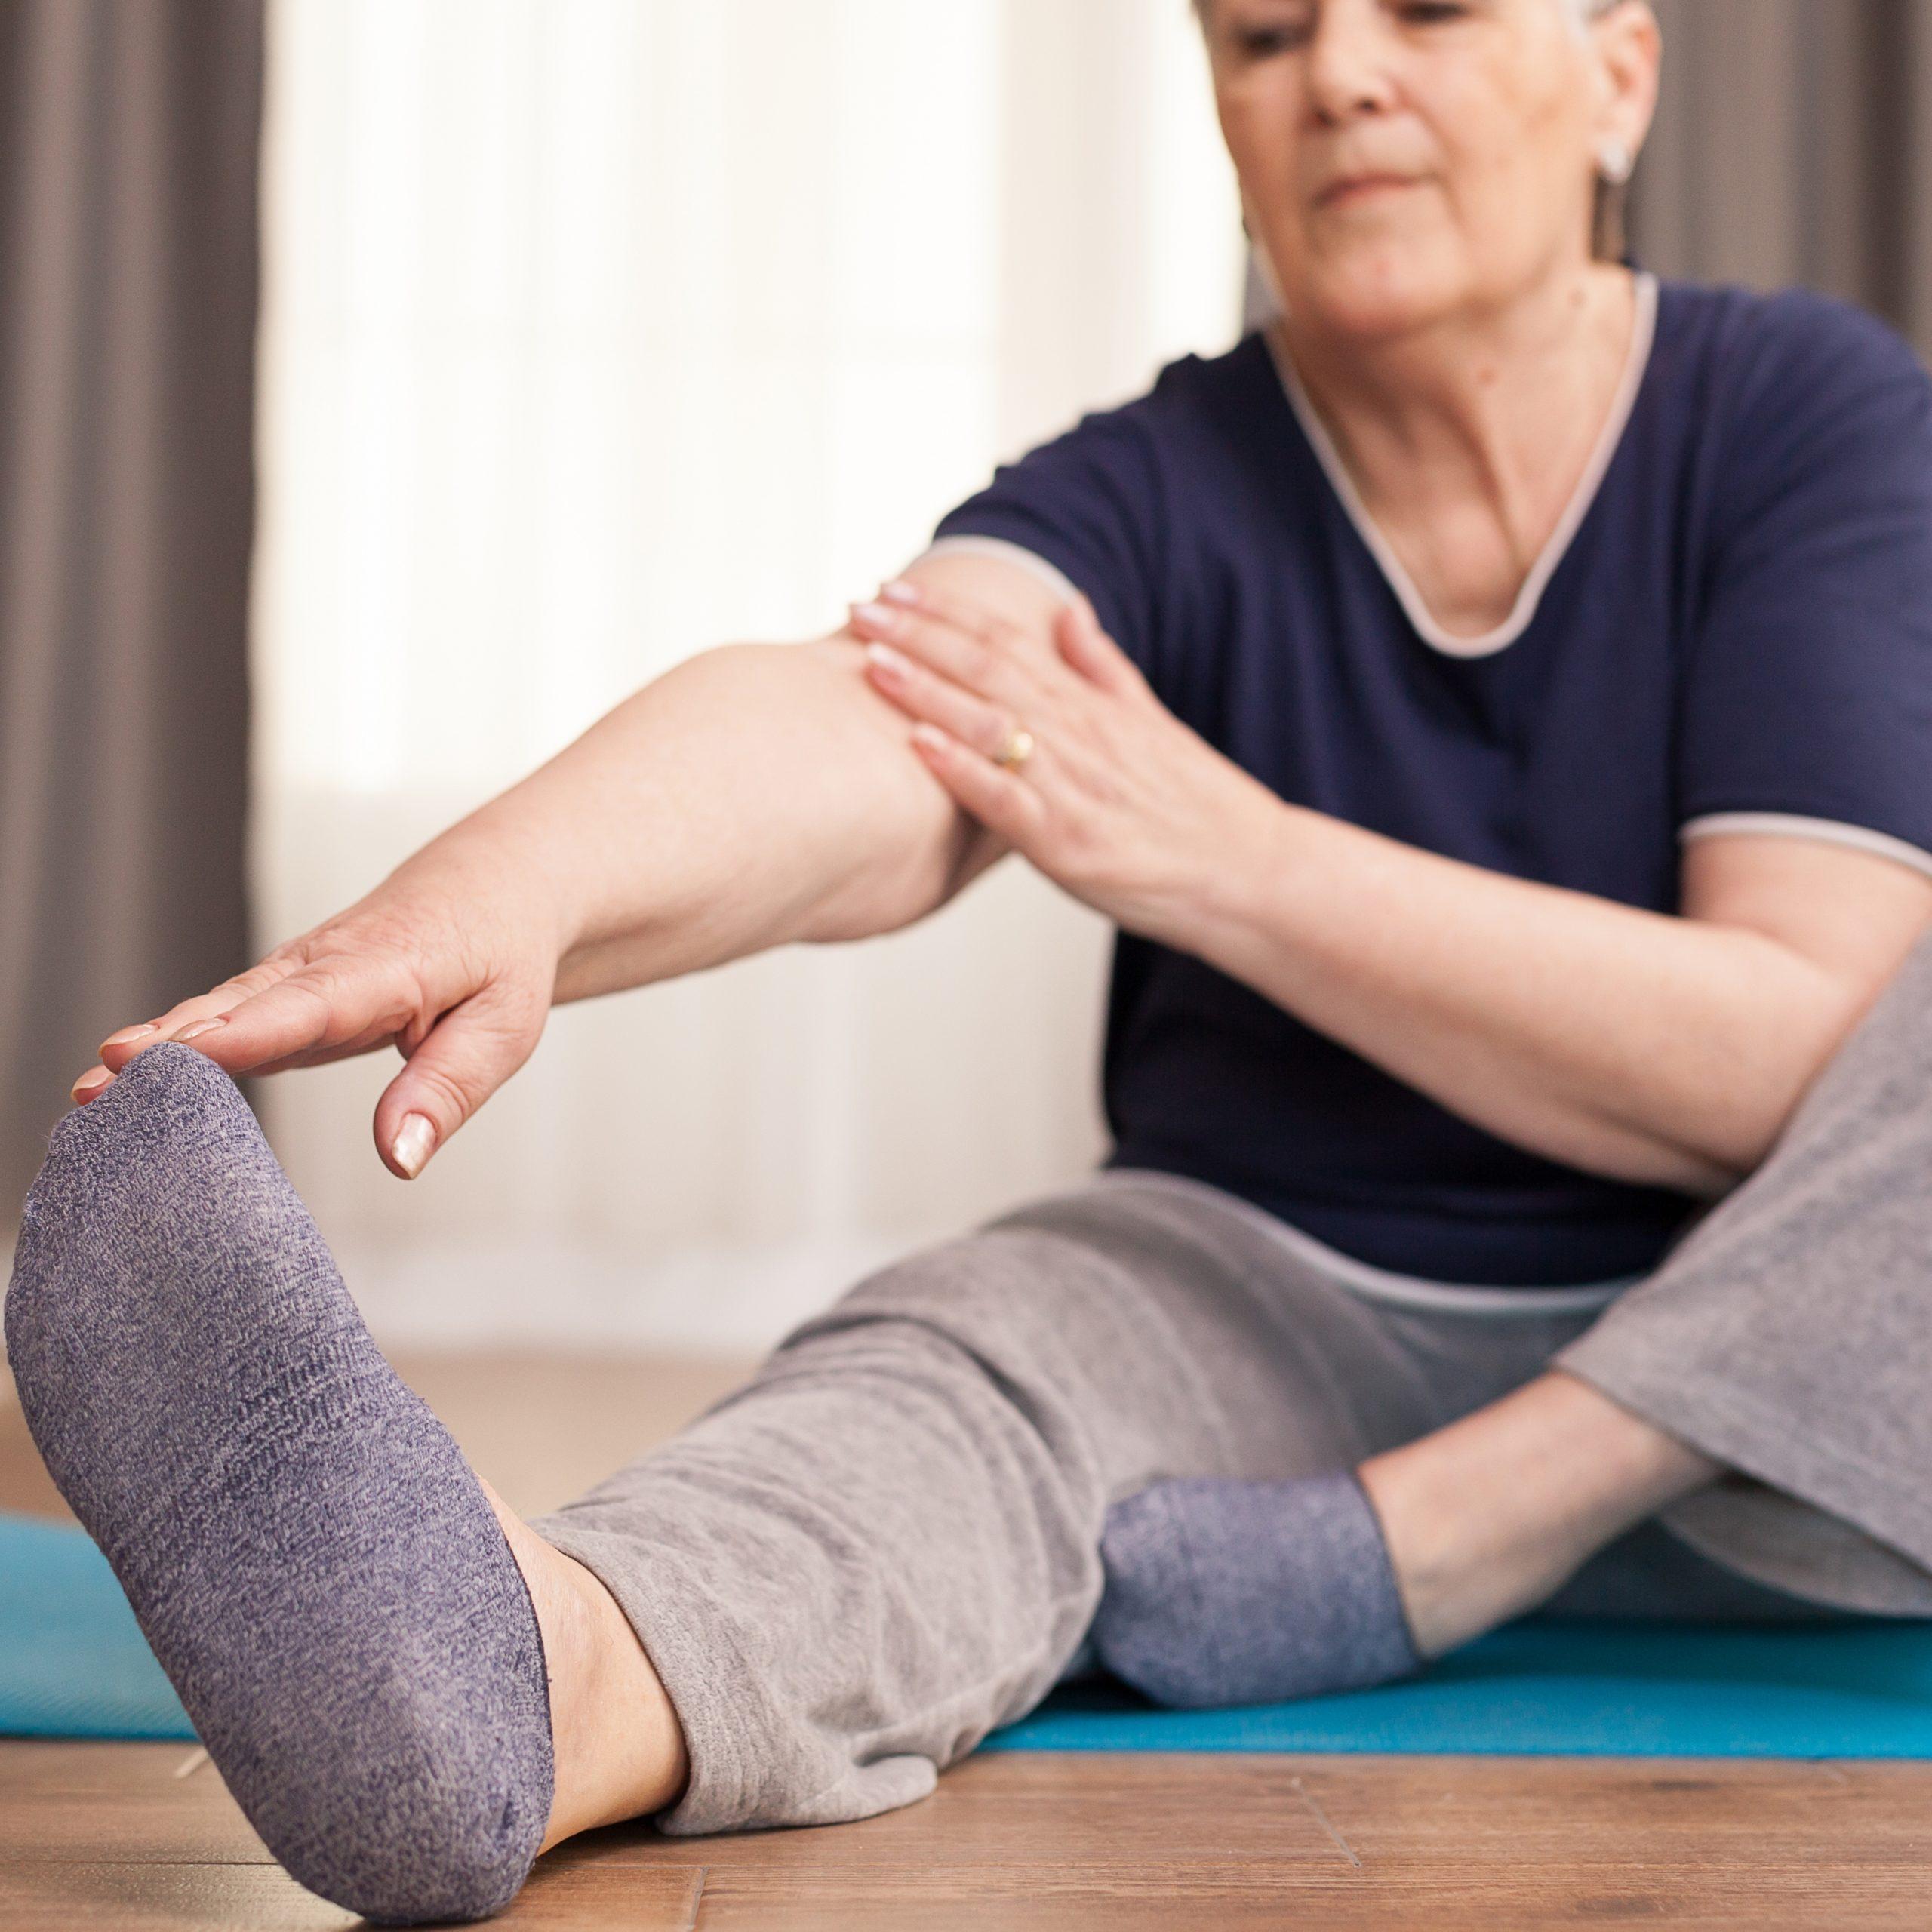 Beweglichkeit ist eine der vier Säulen, die im Alter vor Schmerzen schützt